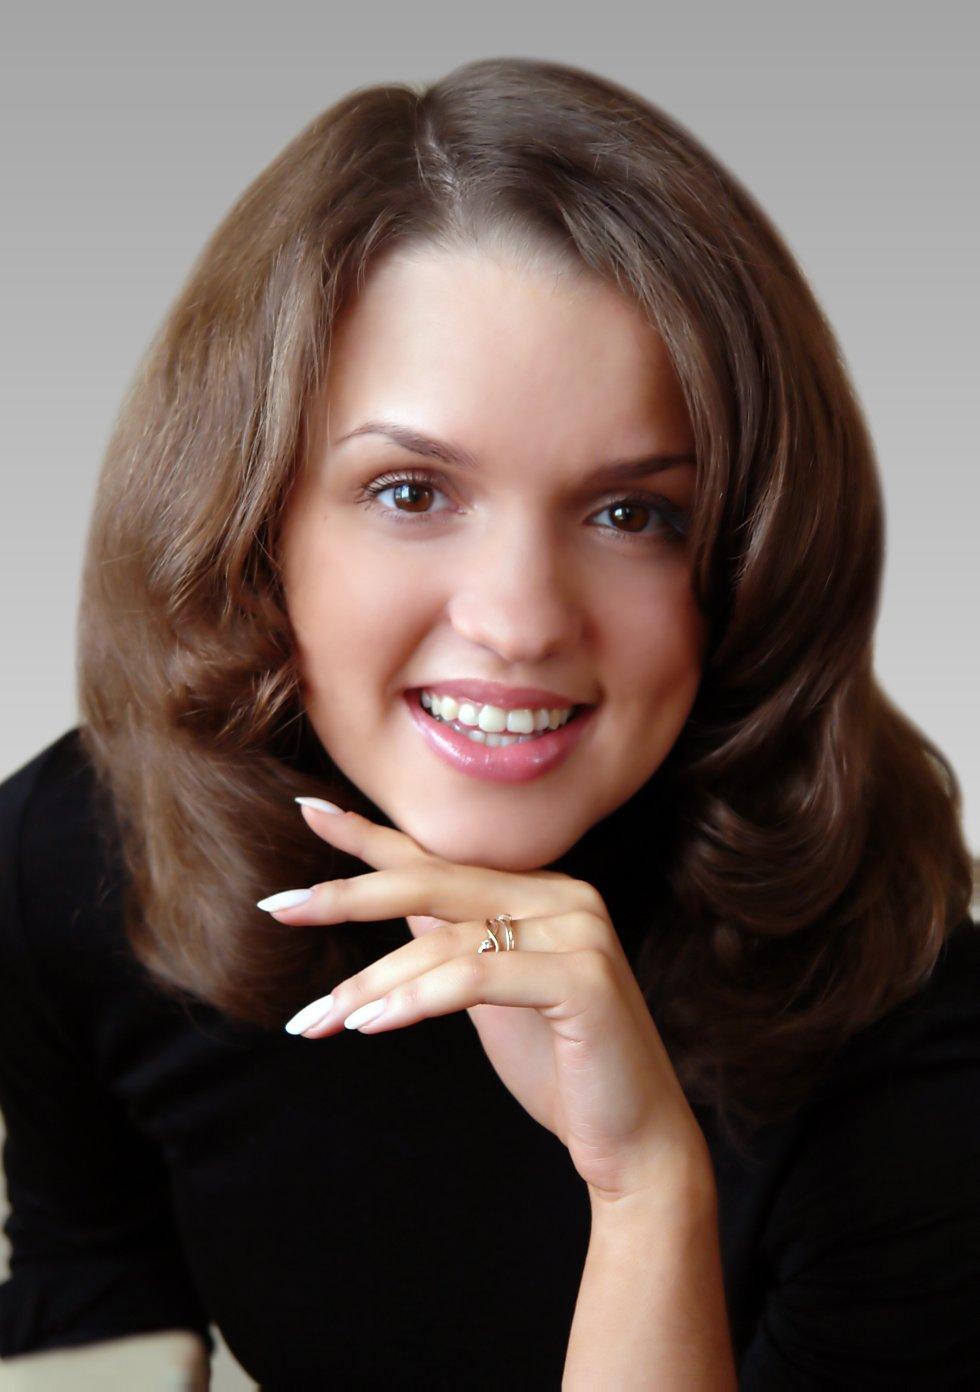 Beloborodova Anastasiia Leonidovna